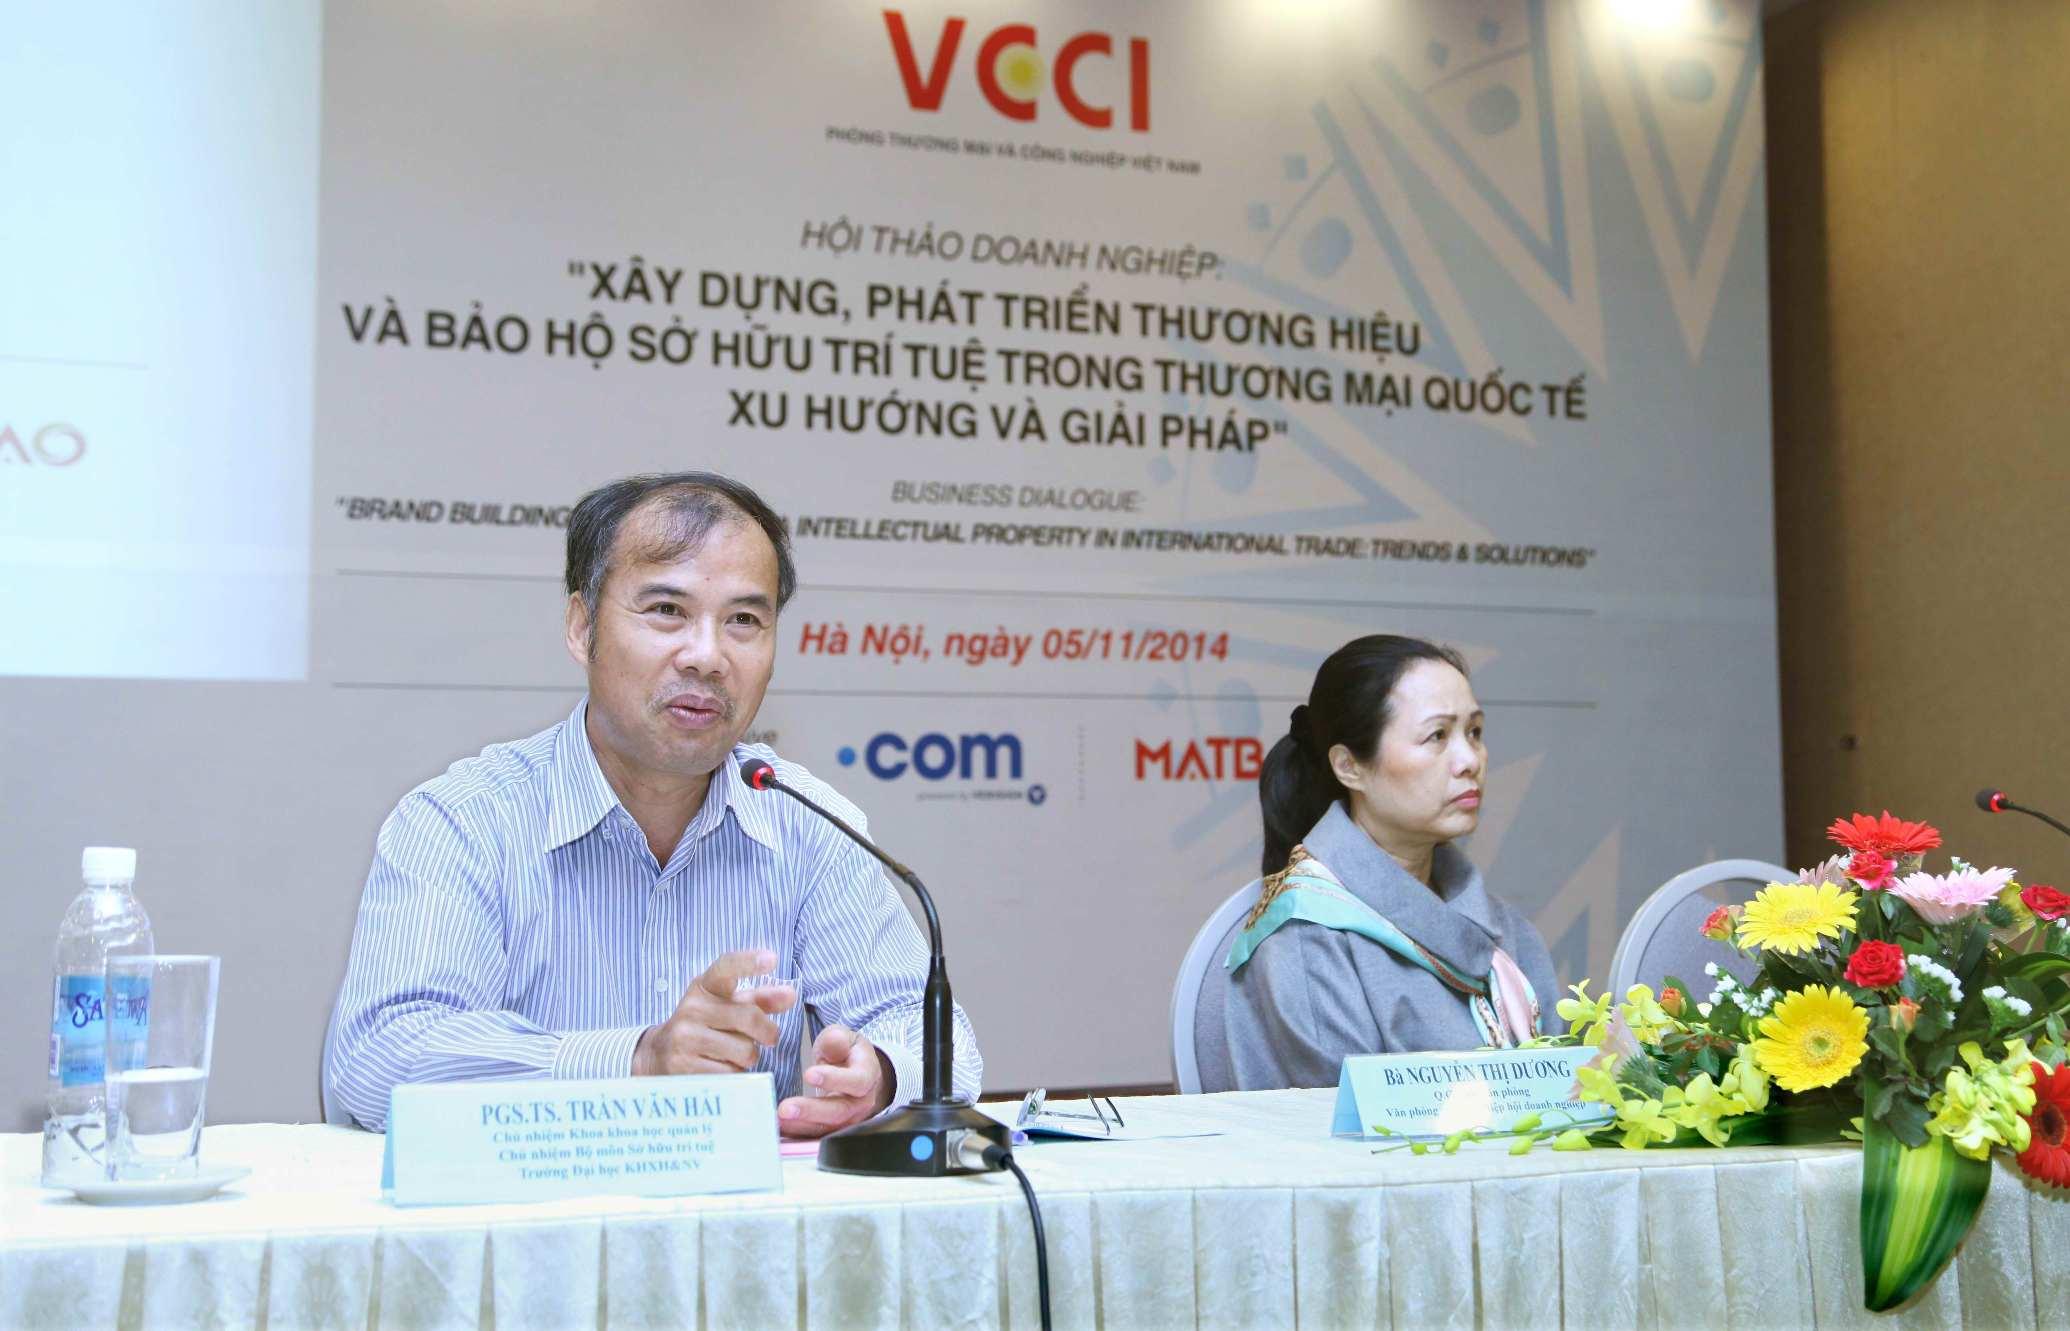 Hoi thao Xay dung Phat trien Thuong hieu va Bao ve so hu tri tue VCCI - Doanh nghiệp Việt nên xây dựng và đầu tư vào nhận diện thương hiệu trực tuyến